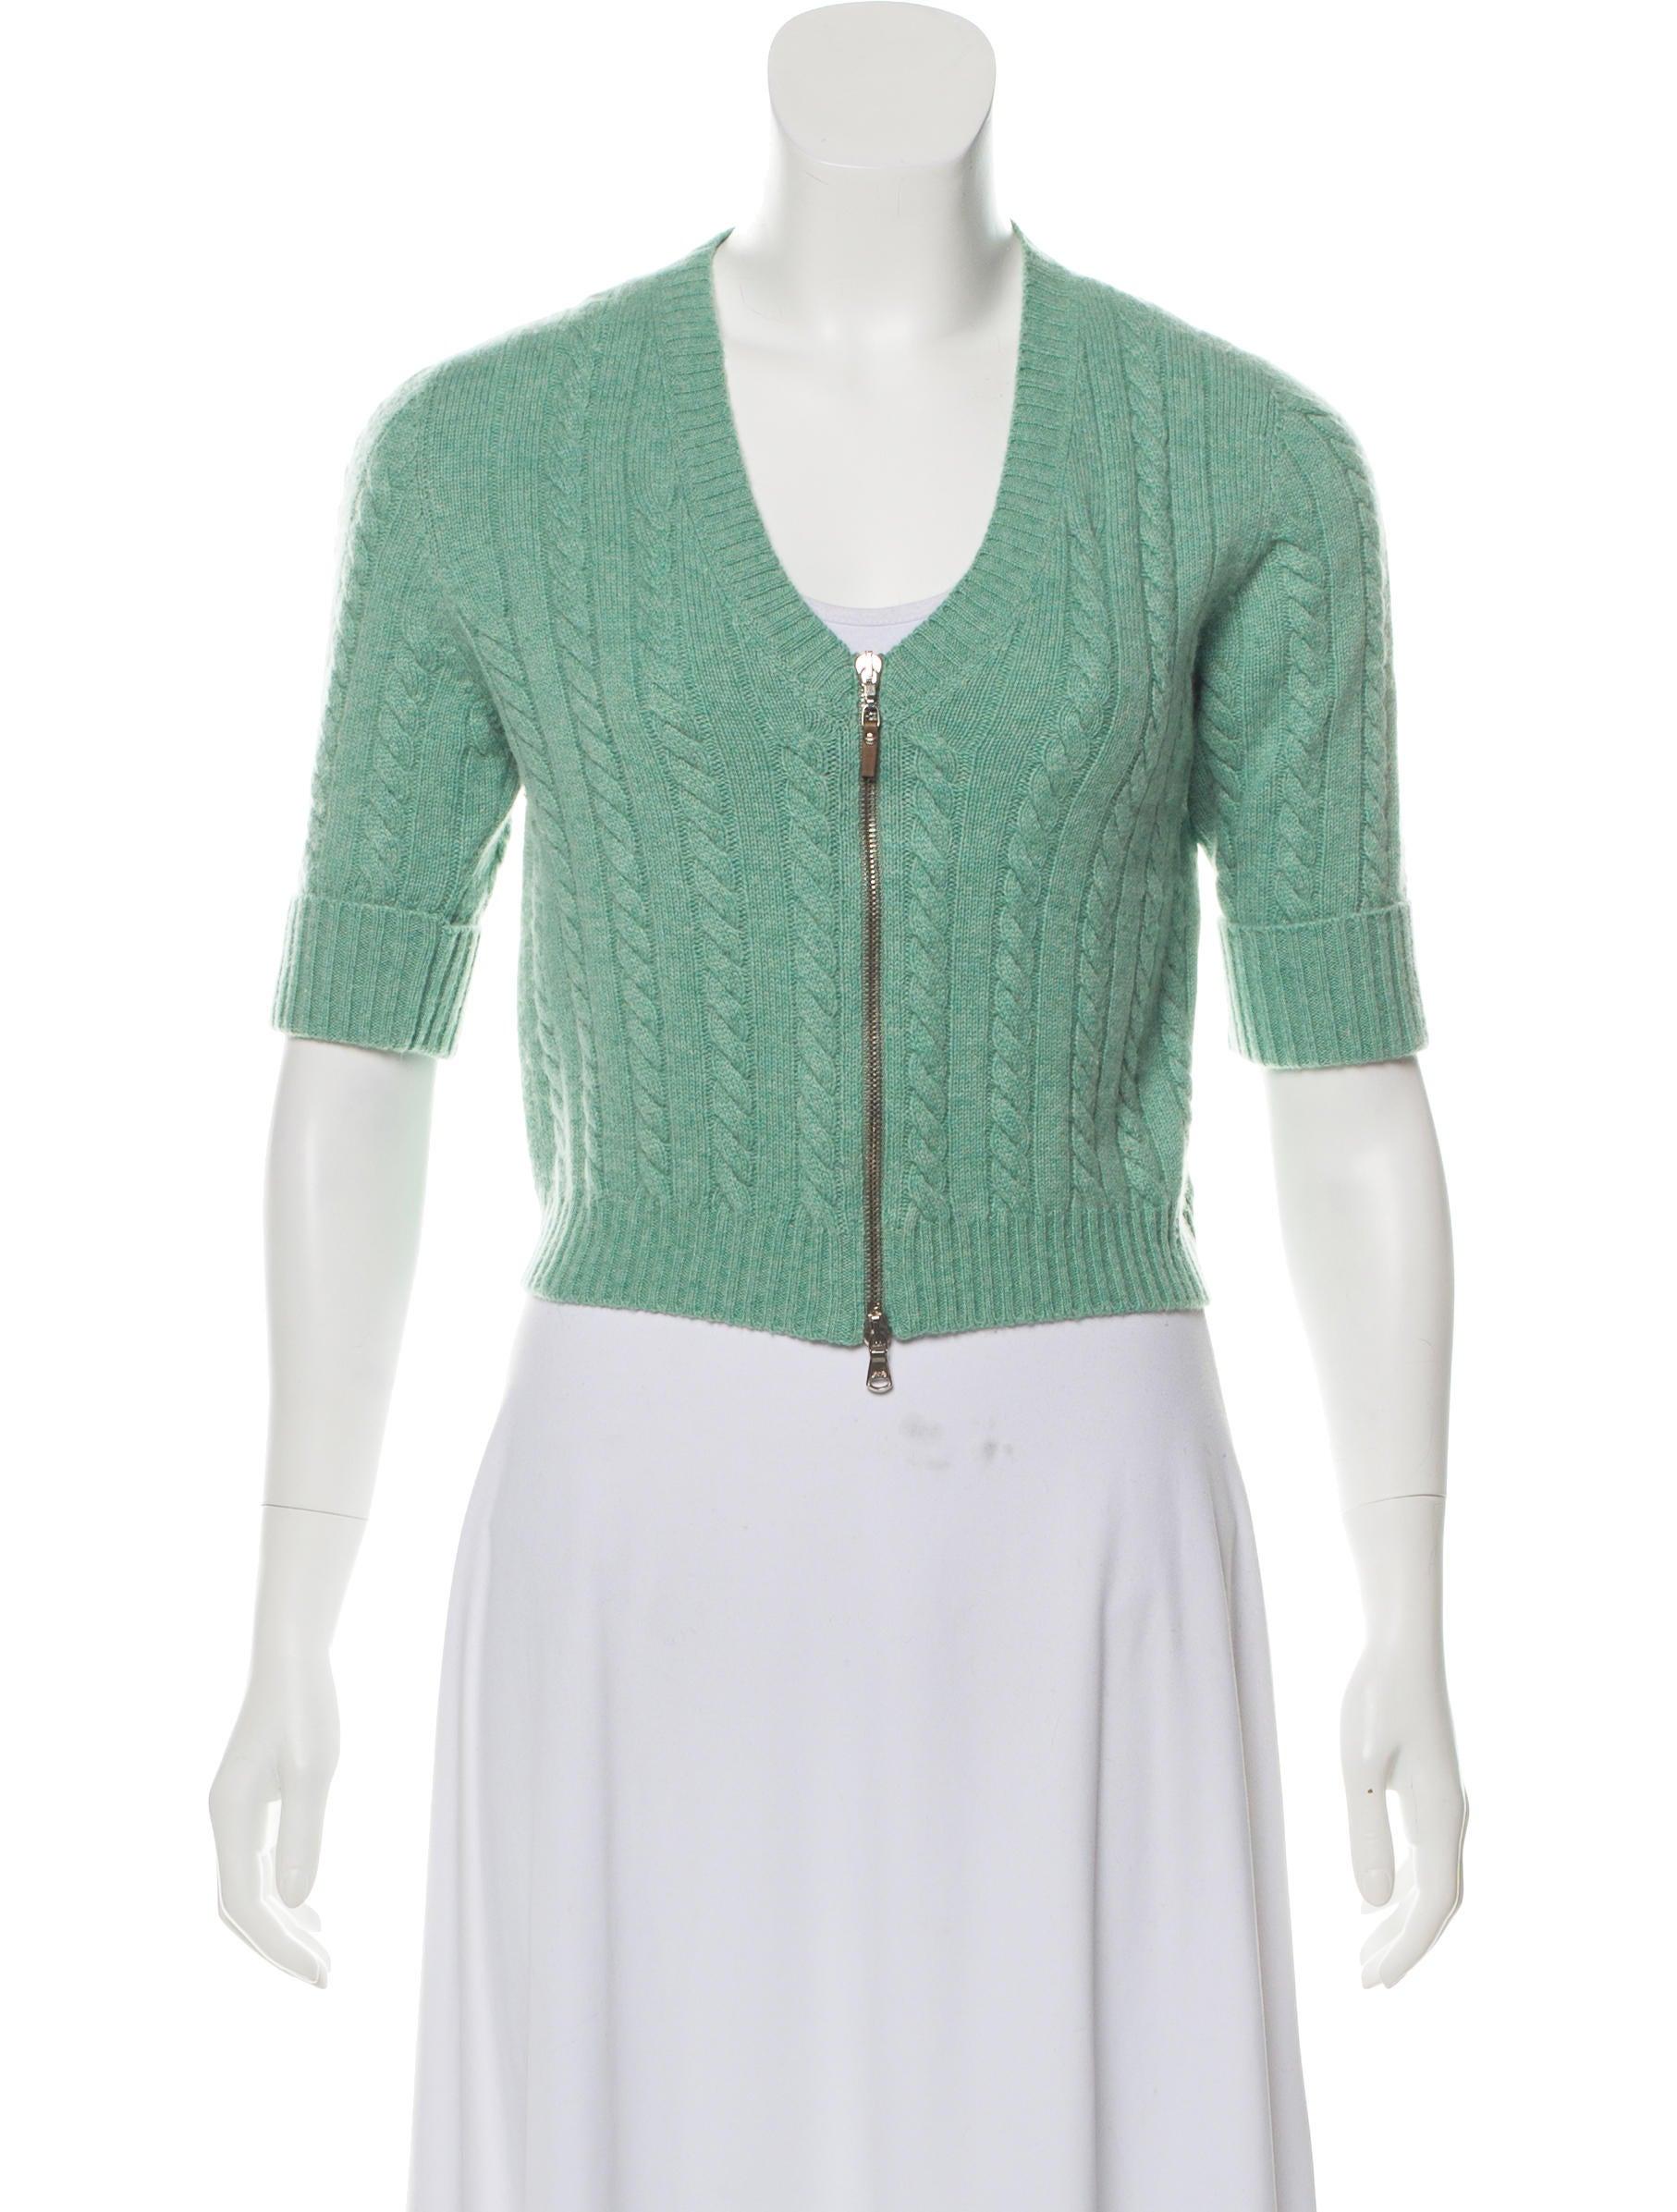 e52e81278f Brunello Cucinelli Cropped Cashmere Cardigan - Clothing - BRU79421 ...